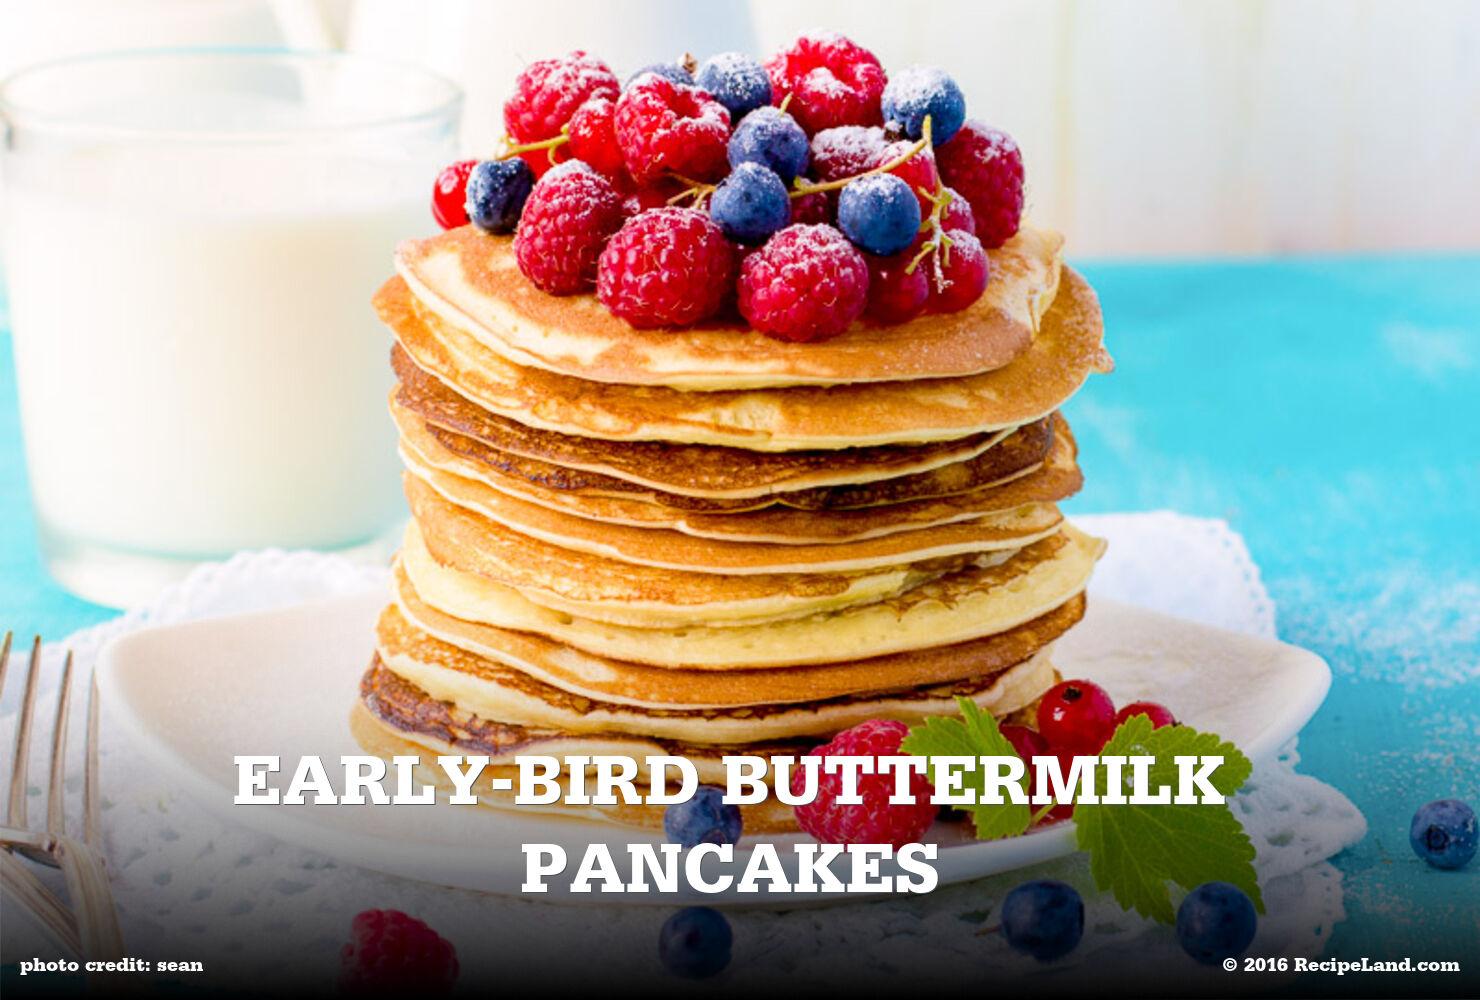 Early-Bird Buttermilk Pancakes